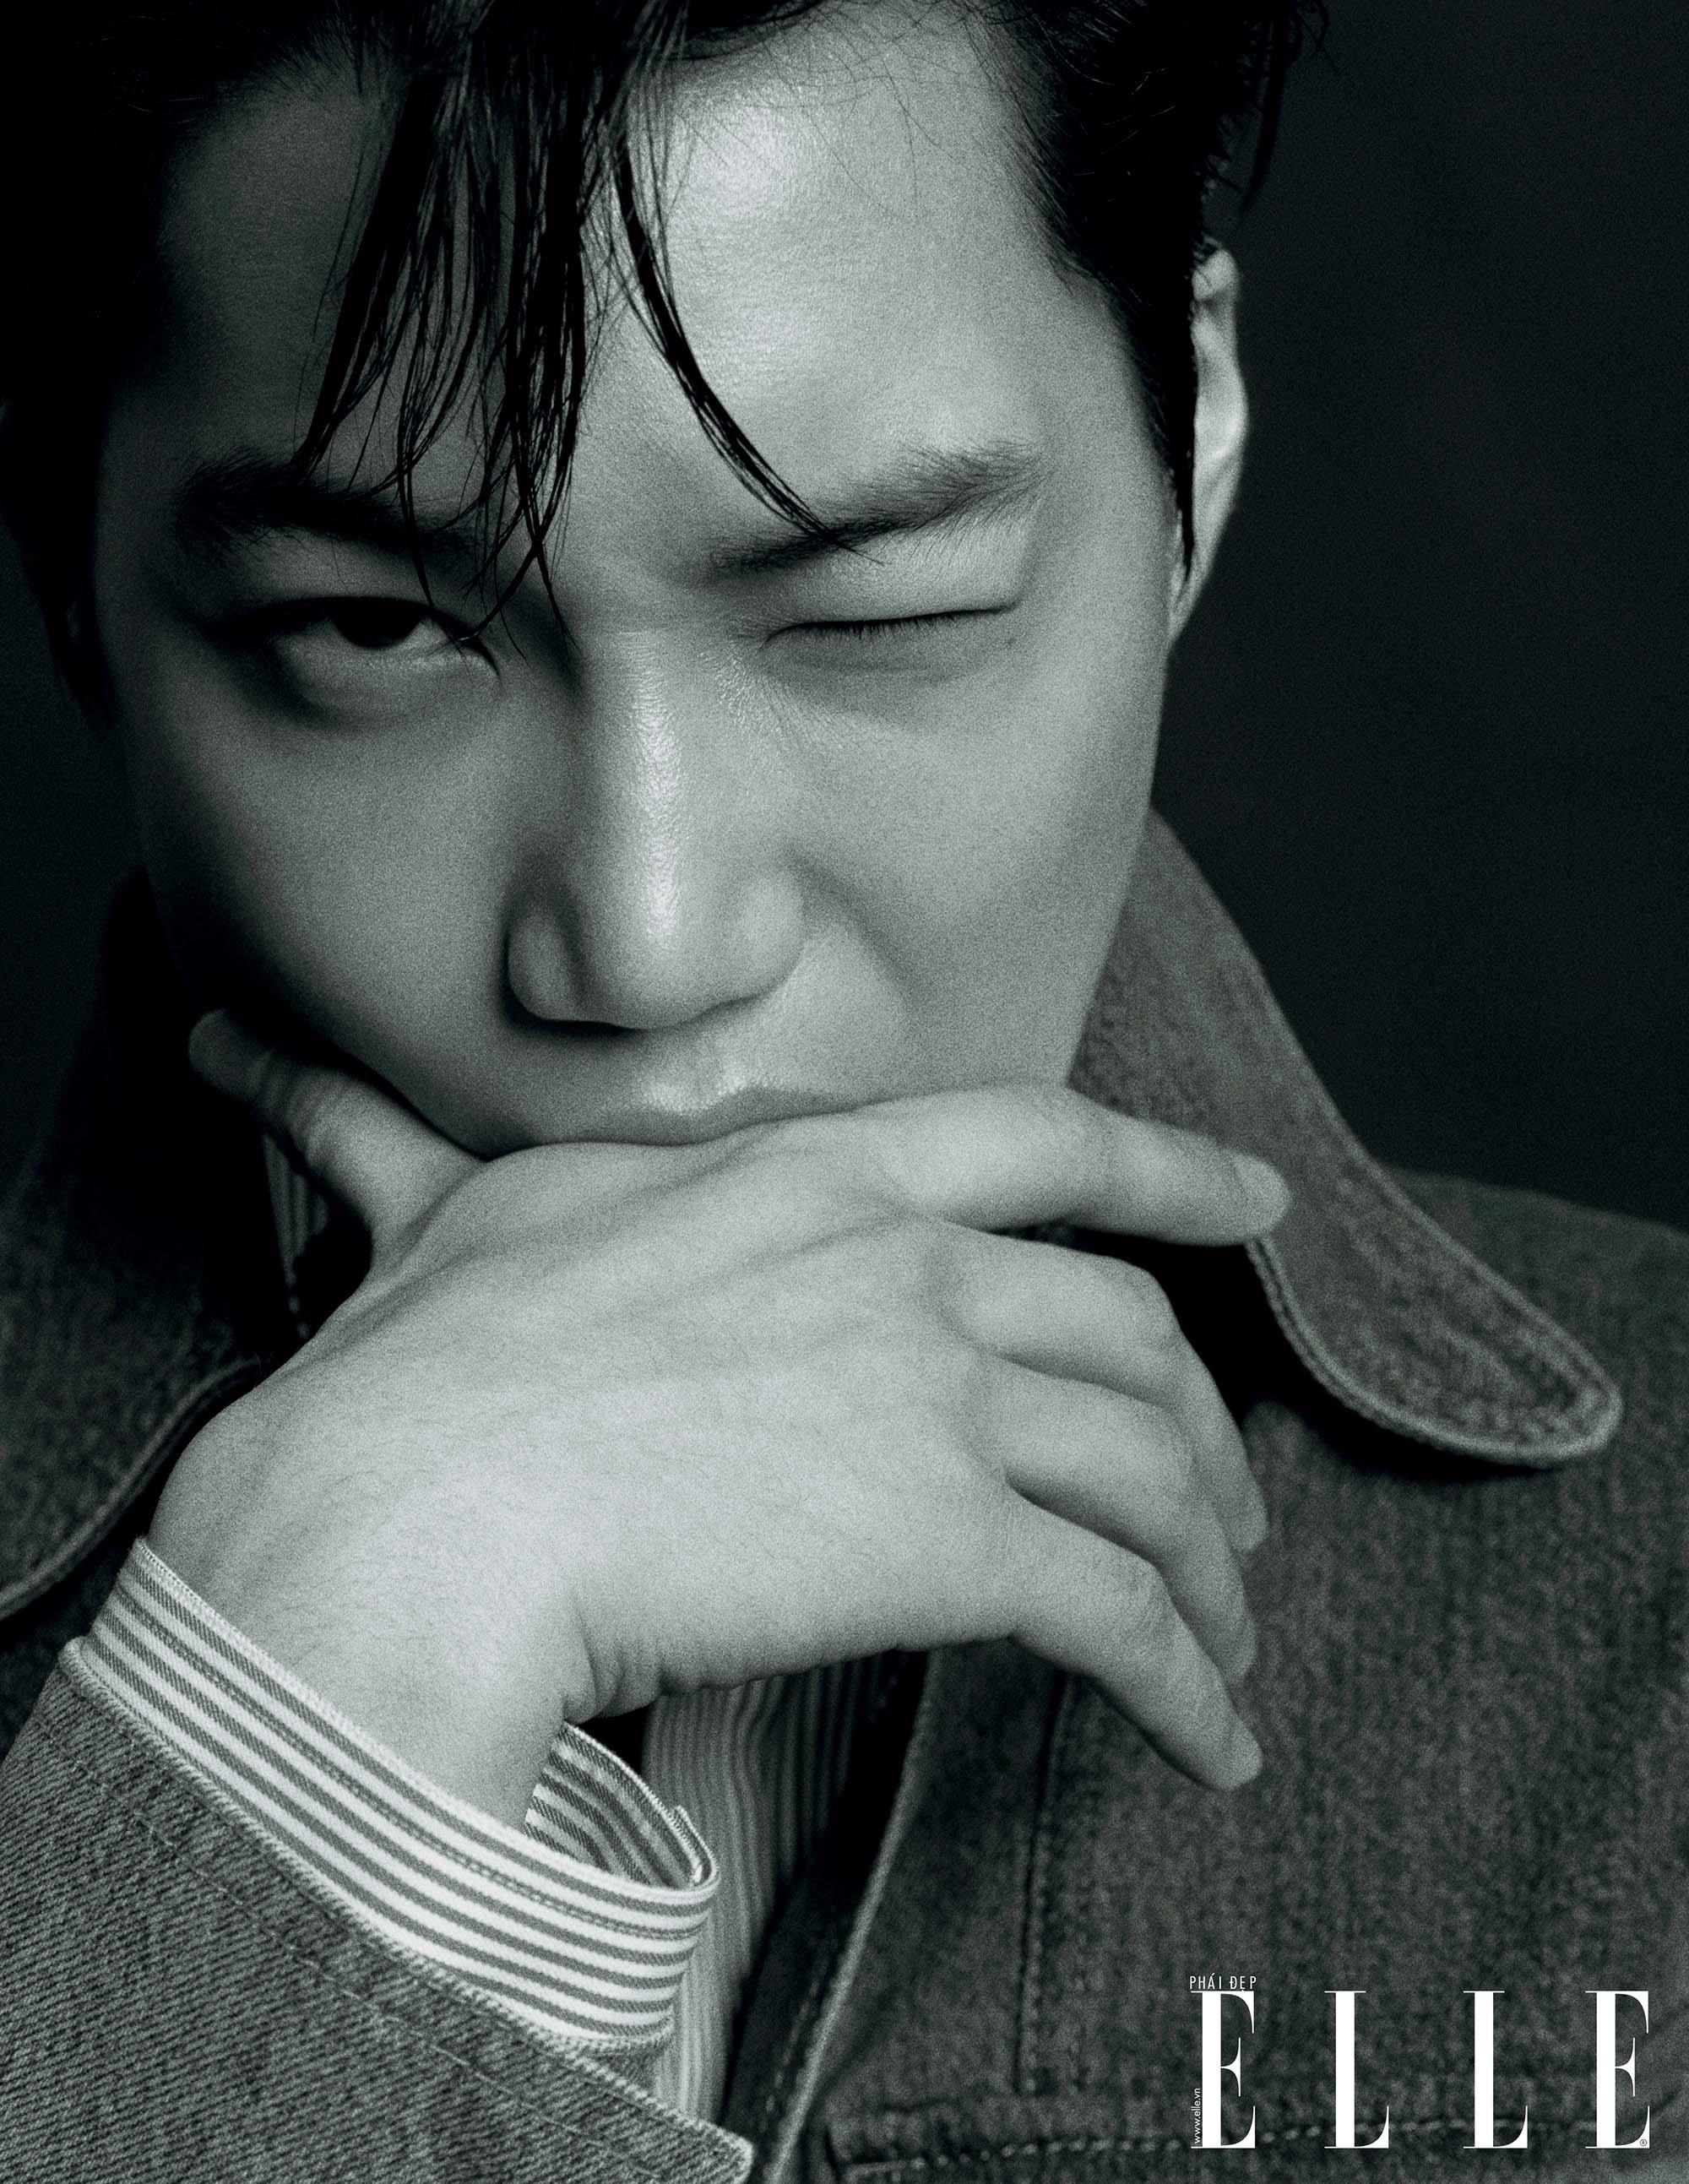 Kai EXO phong cách cá nhân